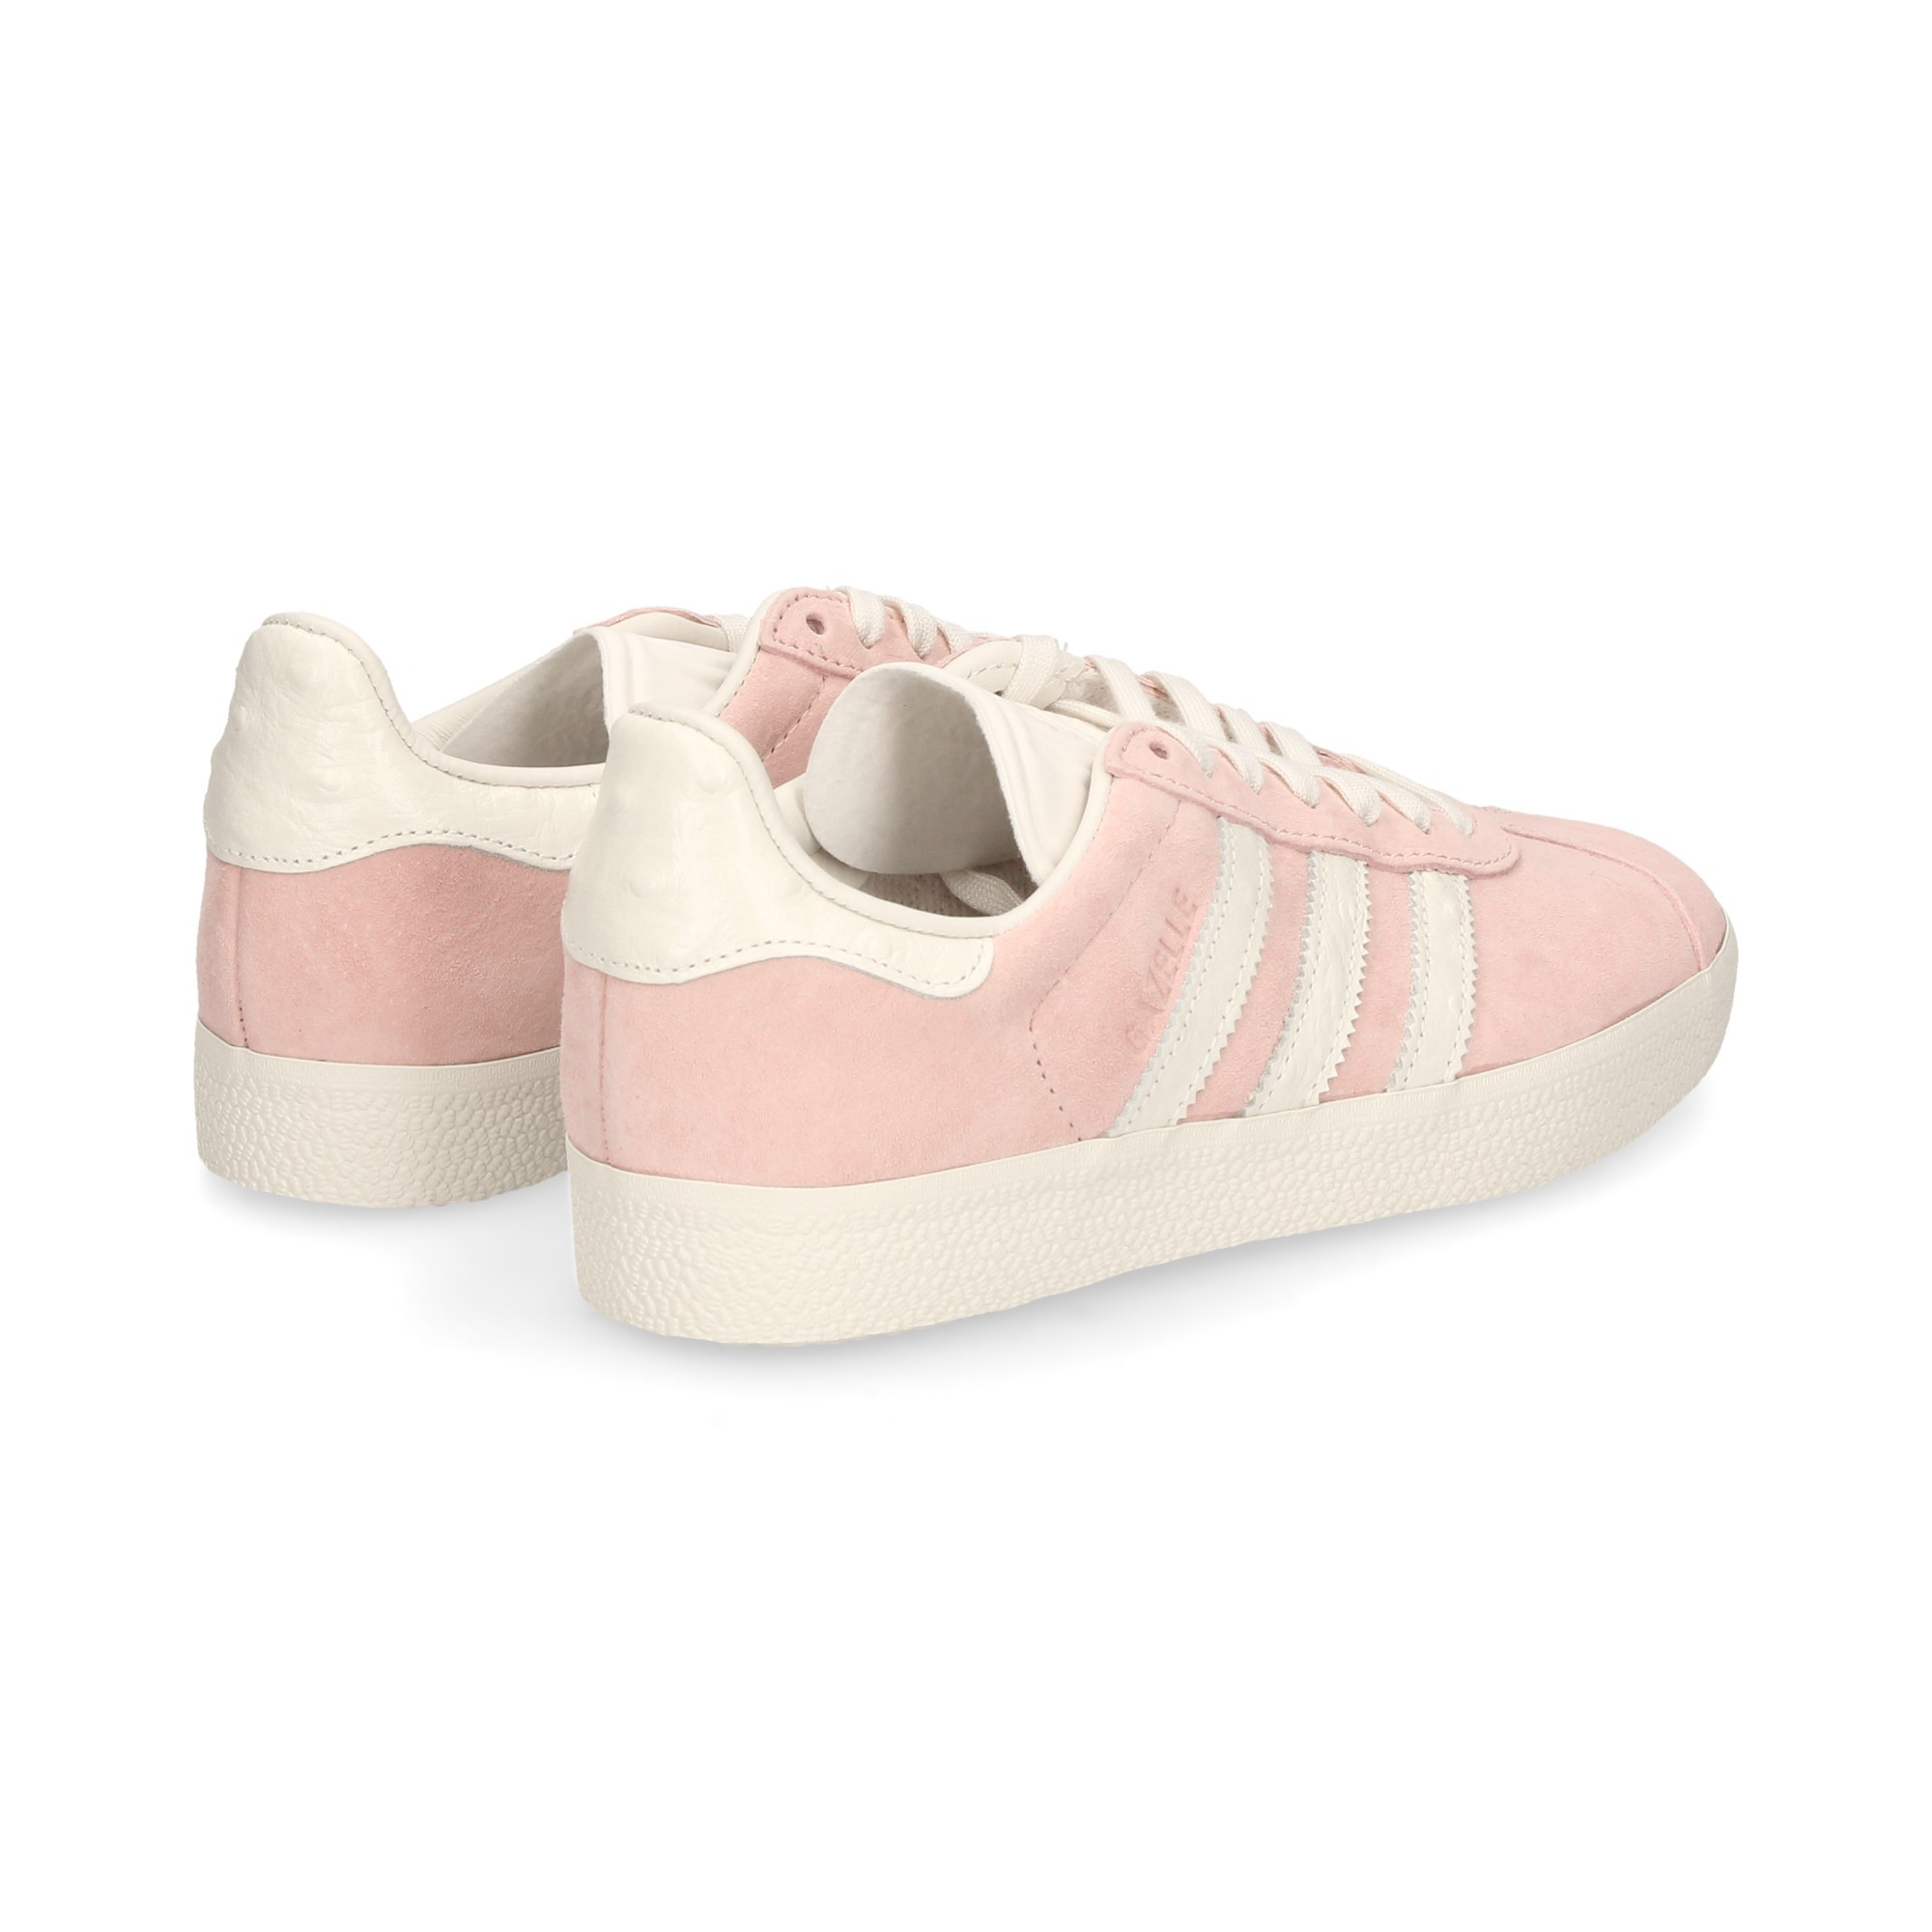 adidas gazelle rosa y blanca